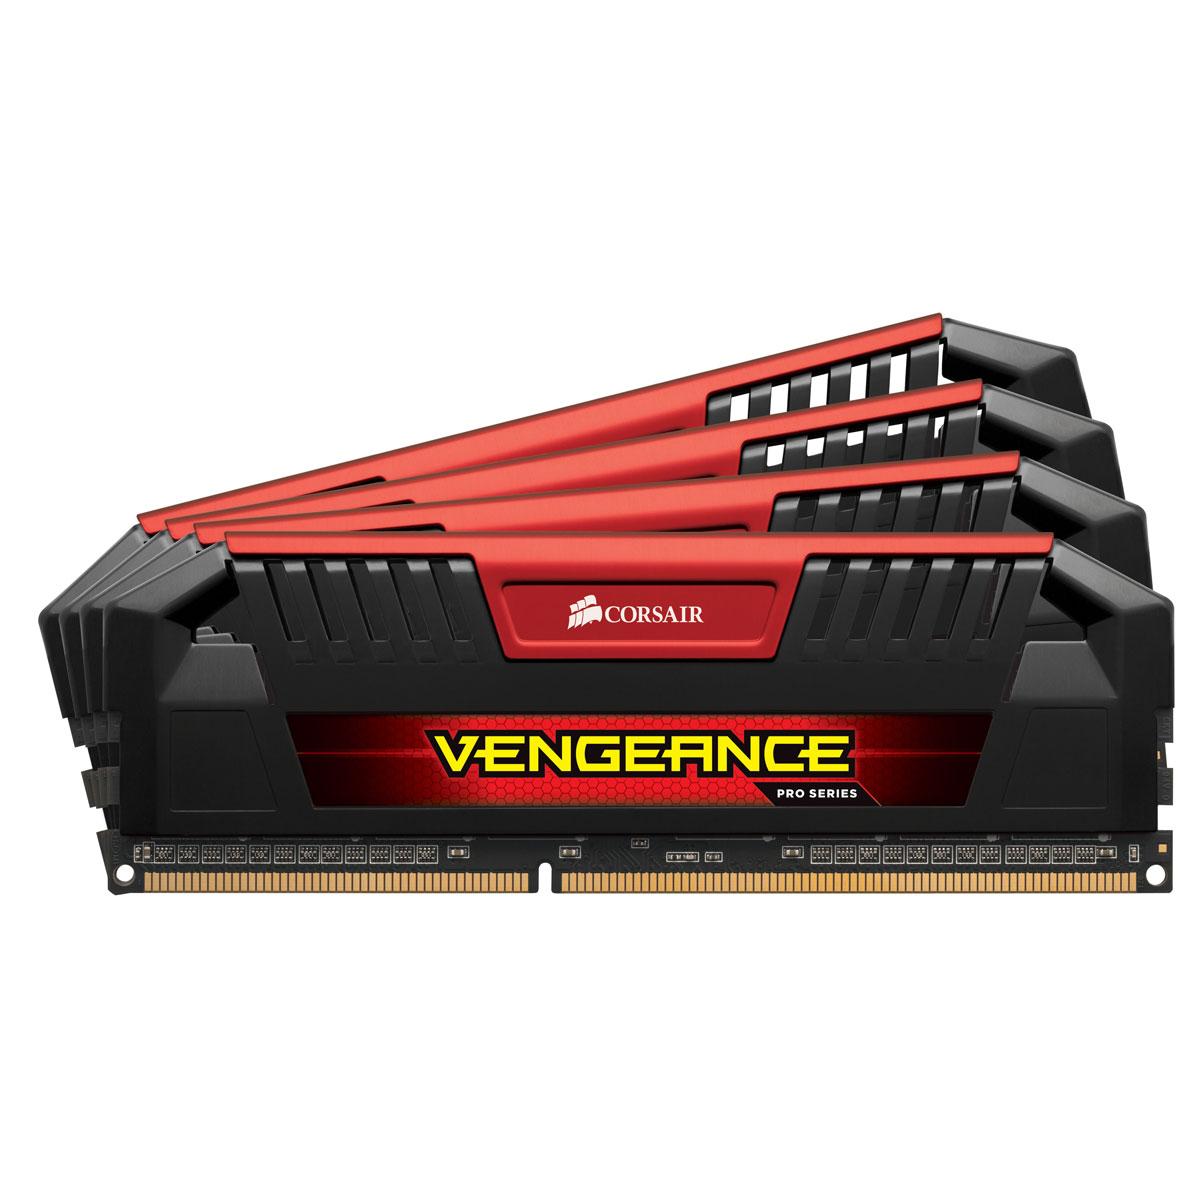 Mémoire PC Corsair Vengeance Pro Series 16 Go (4 x 4 Go) DDR3 2666 MHz CL12 Red Kit Quad Channel RAM DDR3 PC3-21300 - CMY16GX3M4A2666C12R (garantie à vie par Corsair)